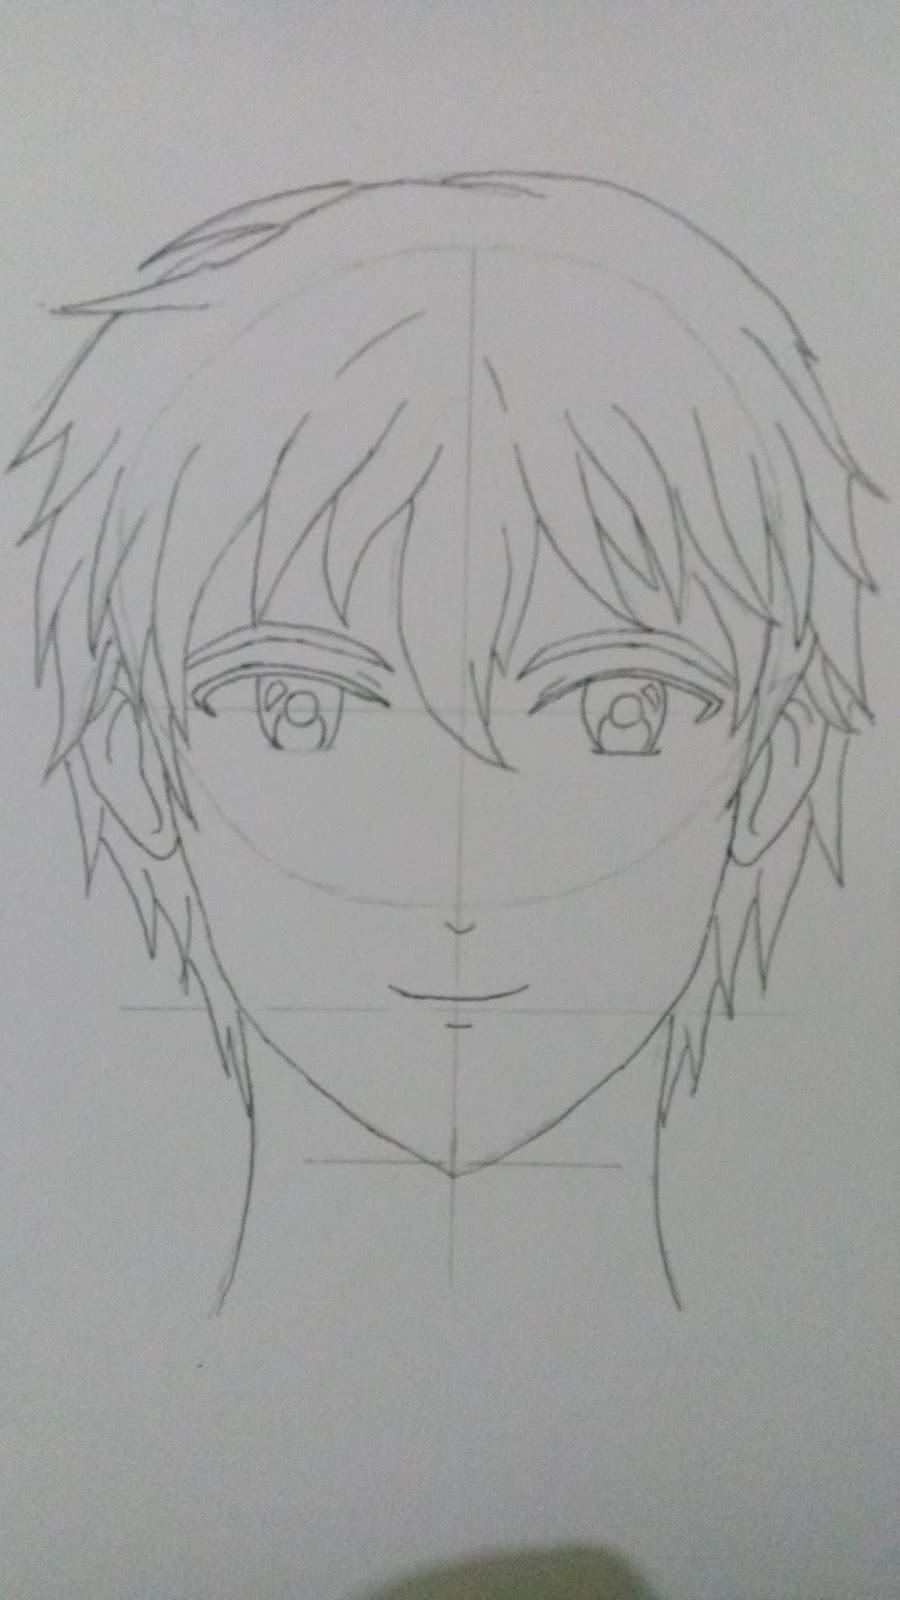 Jika anda sudah selesai menggambar rambut dan juga sudah menebalkan garis dengan drawing pen atau pensil anda bisa menghapus garis bantu atau sketsa